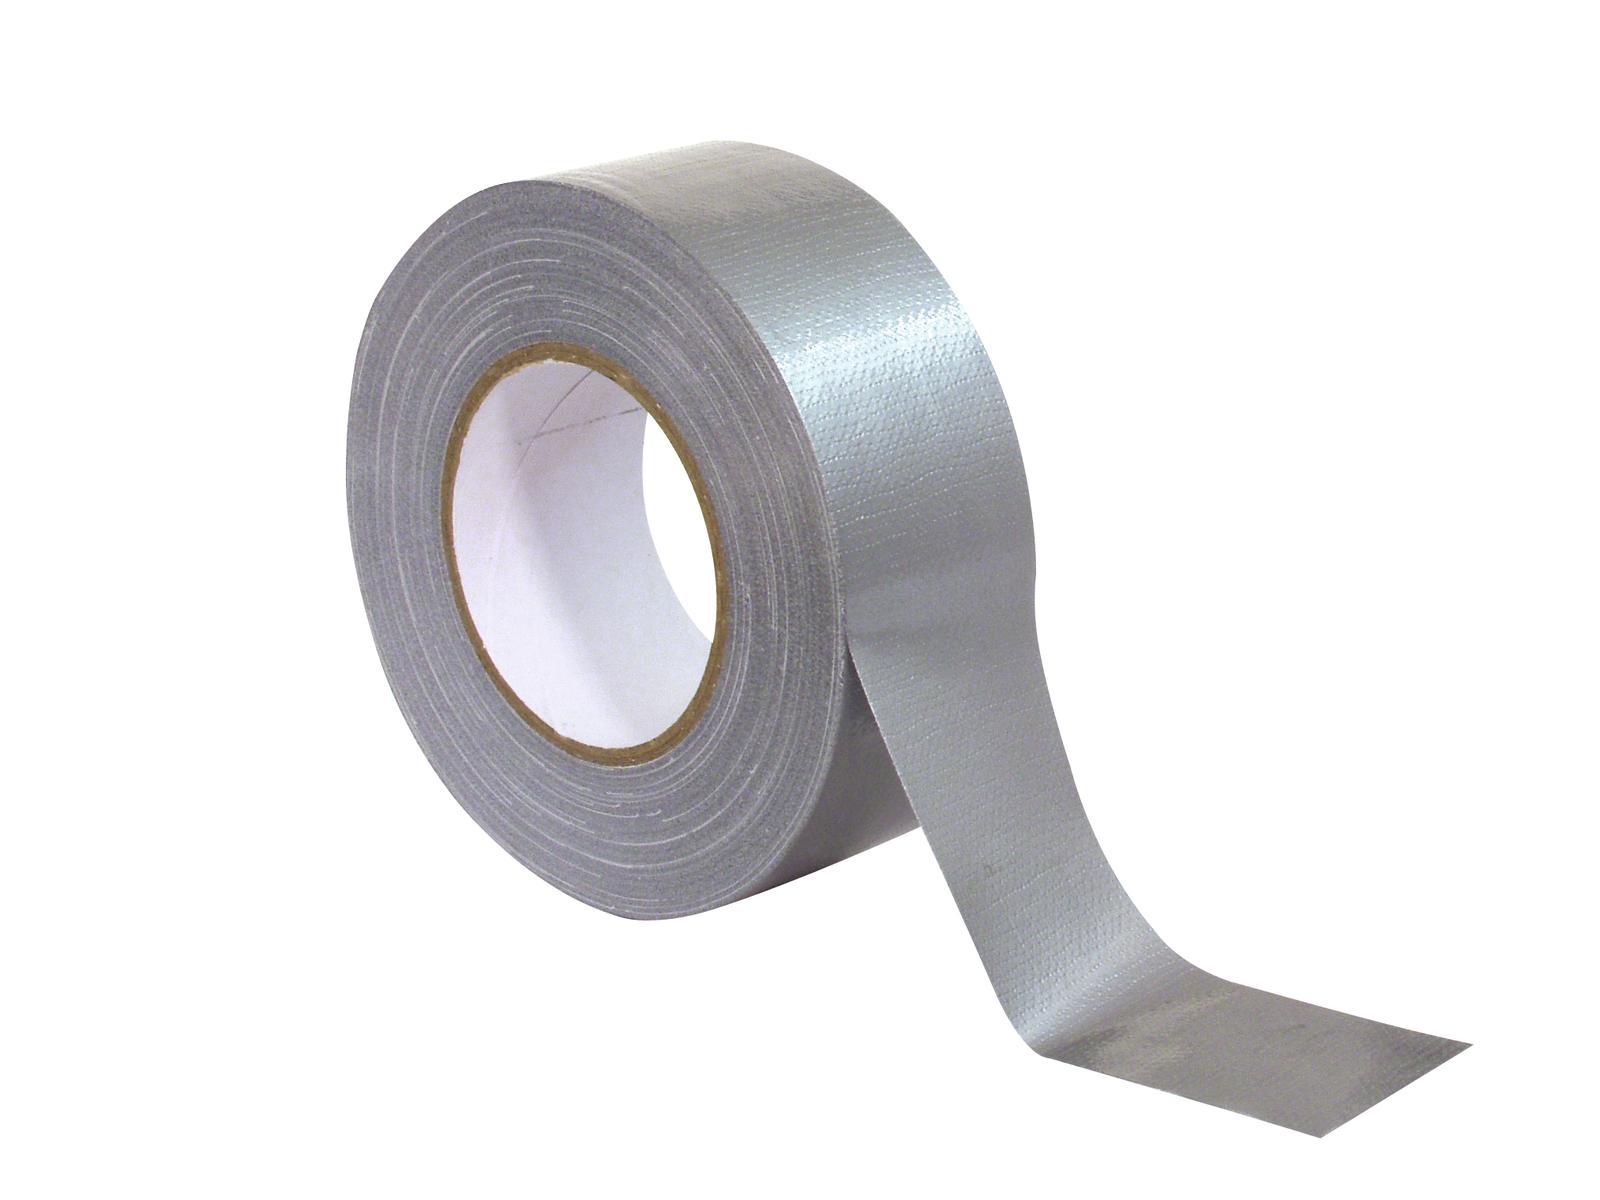 ACCESSORY Gaffa Tape Standard 48mm x 50m silber